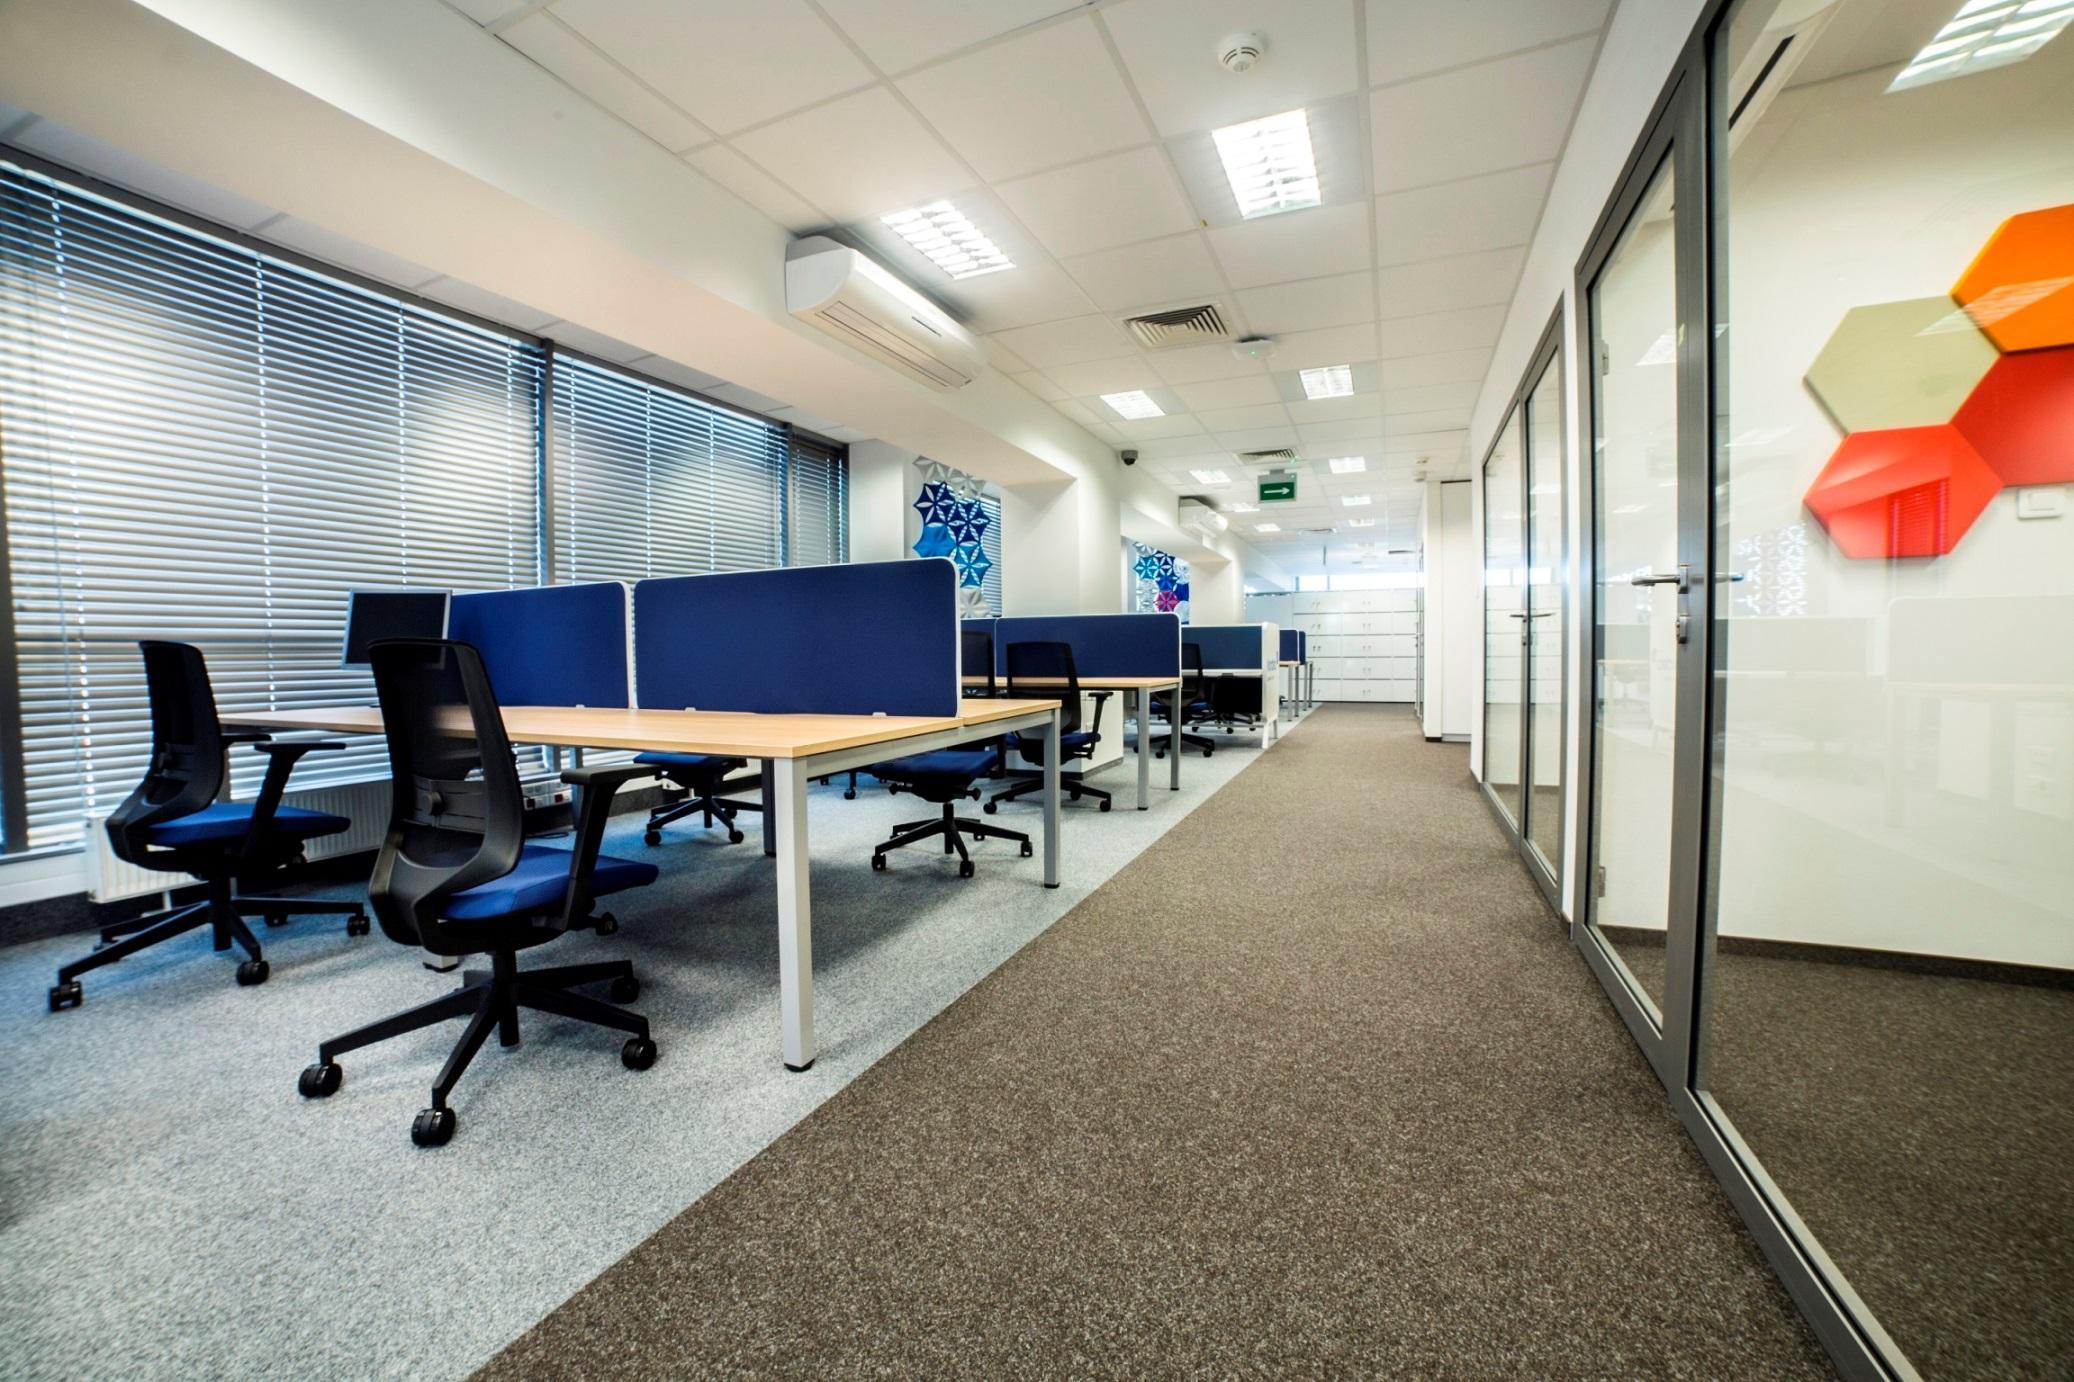 Na świecie elastyczne biura stają się coraz bardziej powszechne. (Fot. Mikomax)